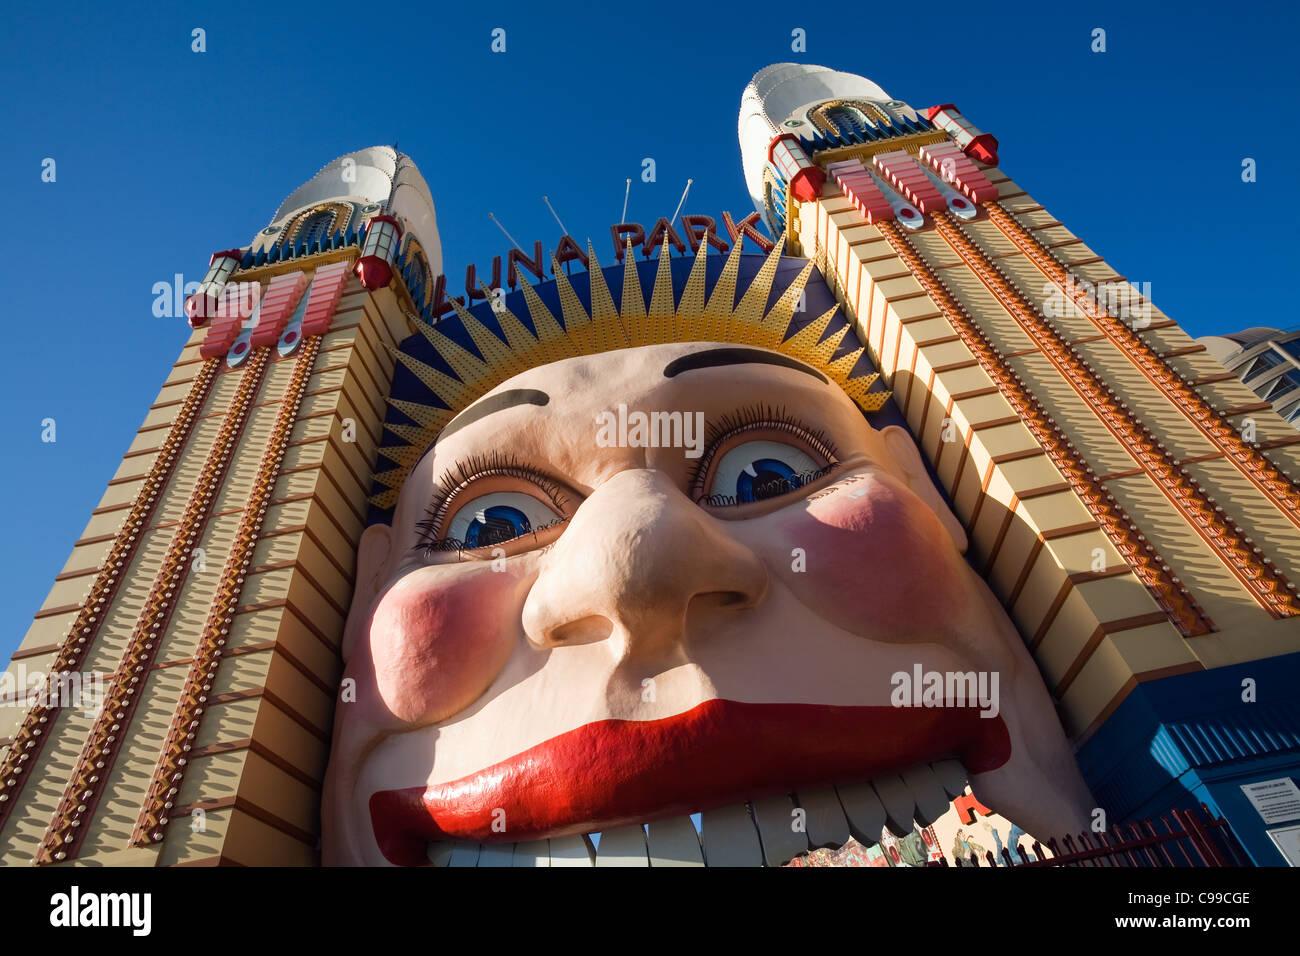 El rostro sonriente entrada del Luna Park en Milson's Point. Sydney, New South Wales, Australia Imagen De Stock